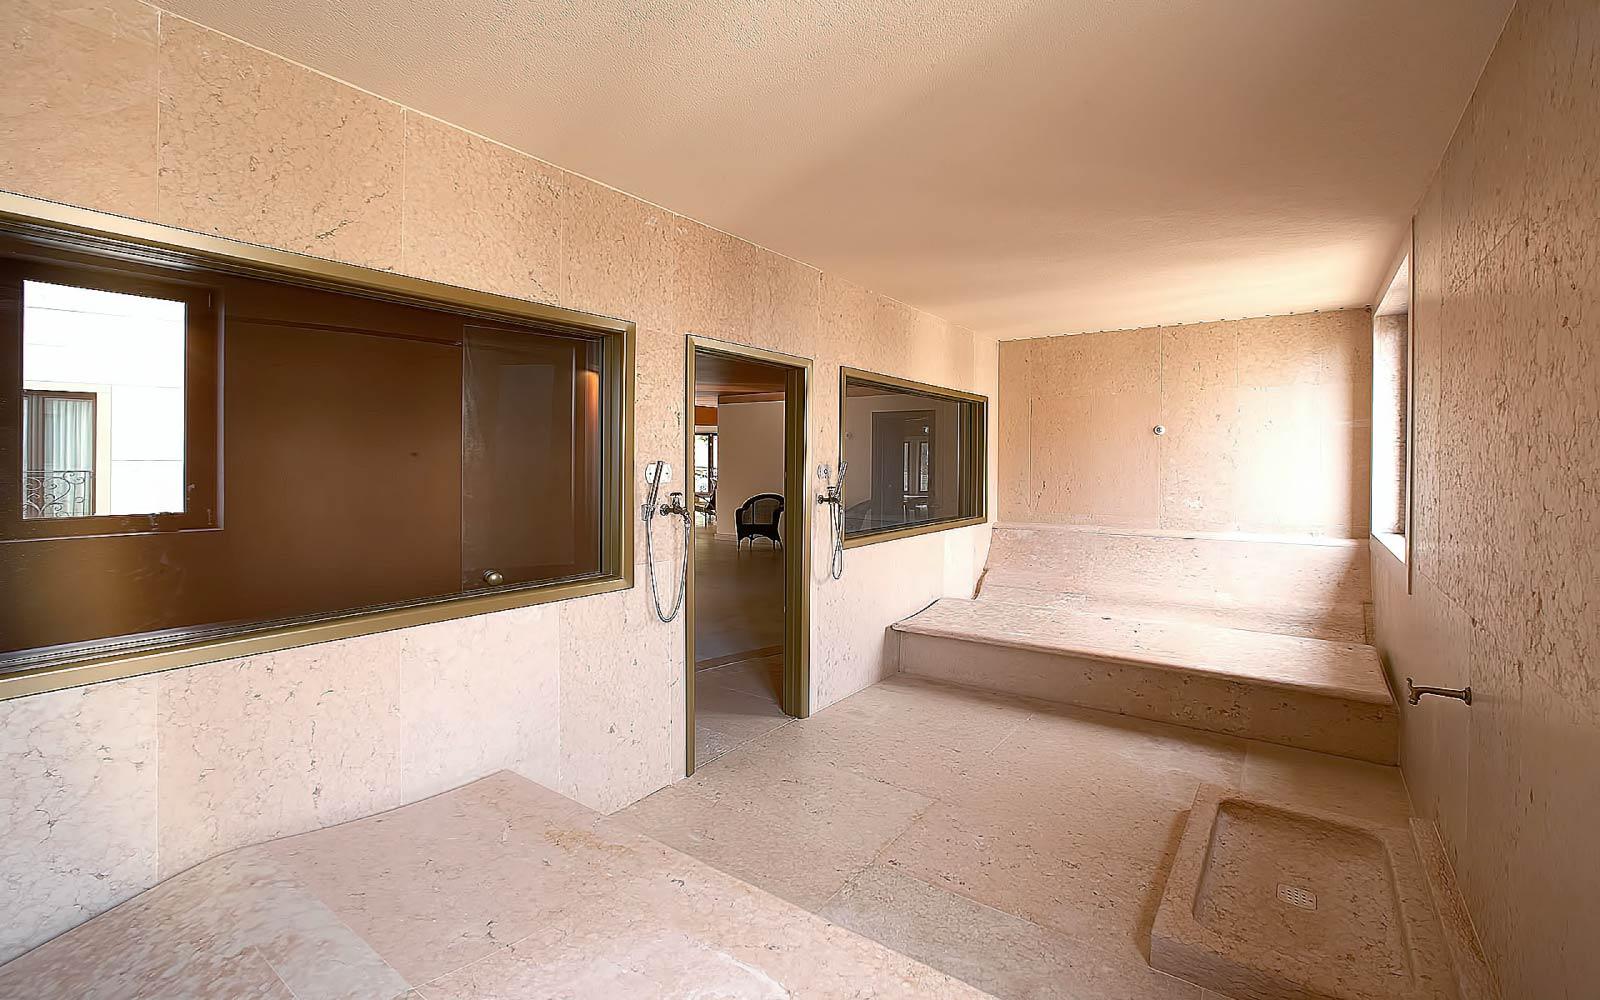 SAUNA ROMANA<br>CASINO' HOTEL MULINO - CROAZIA